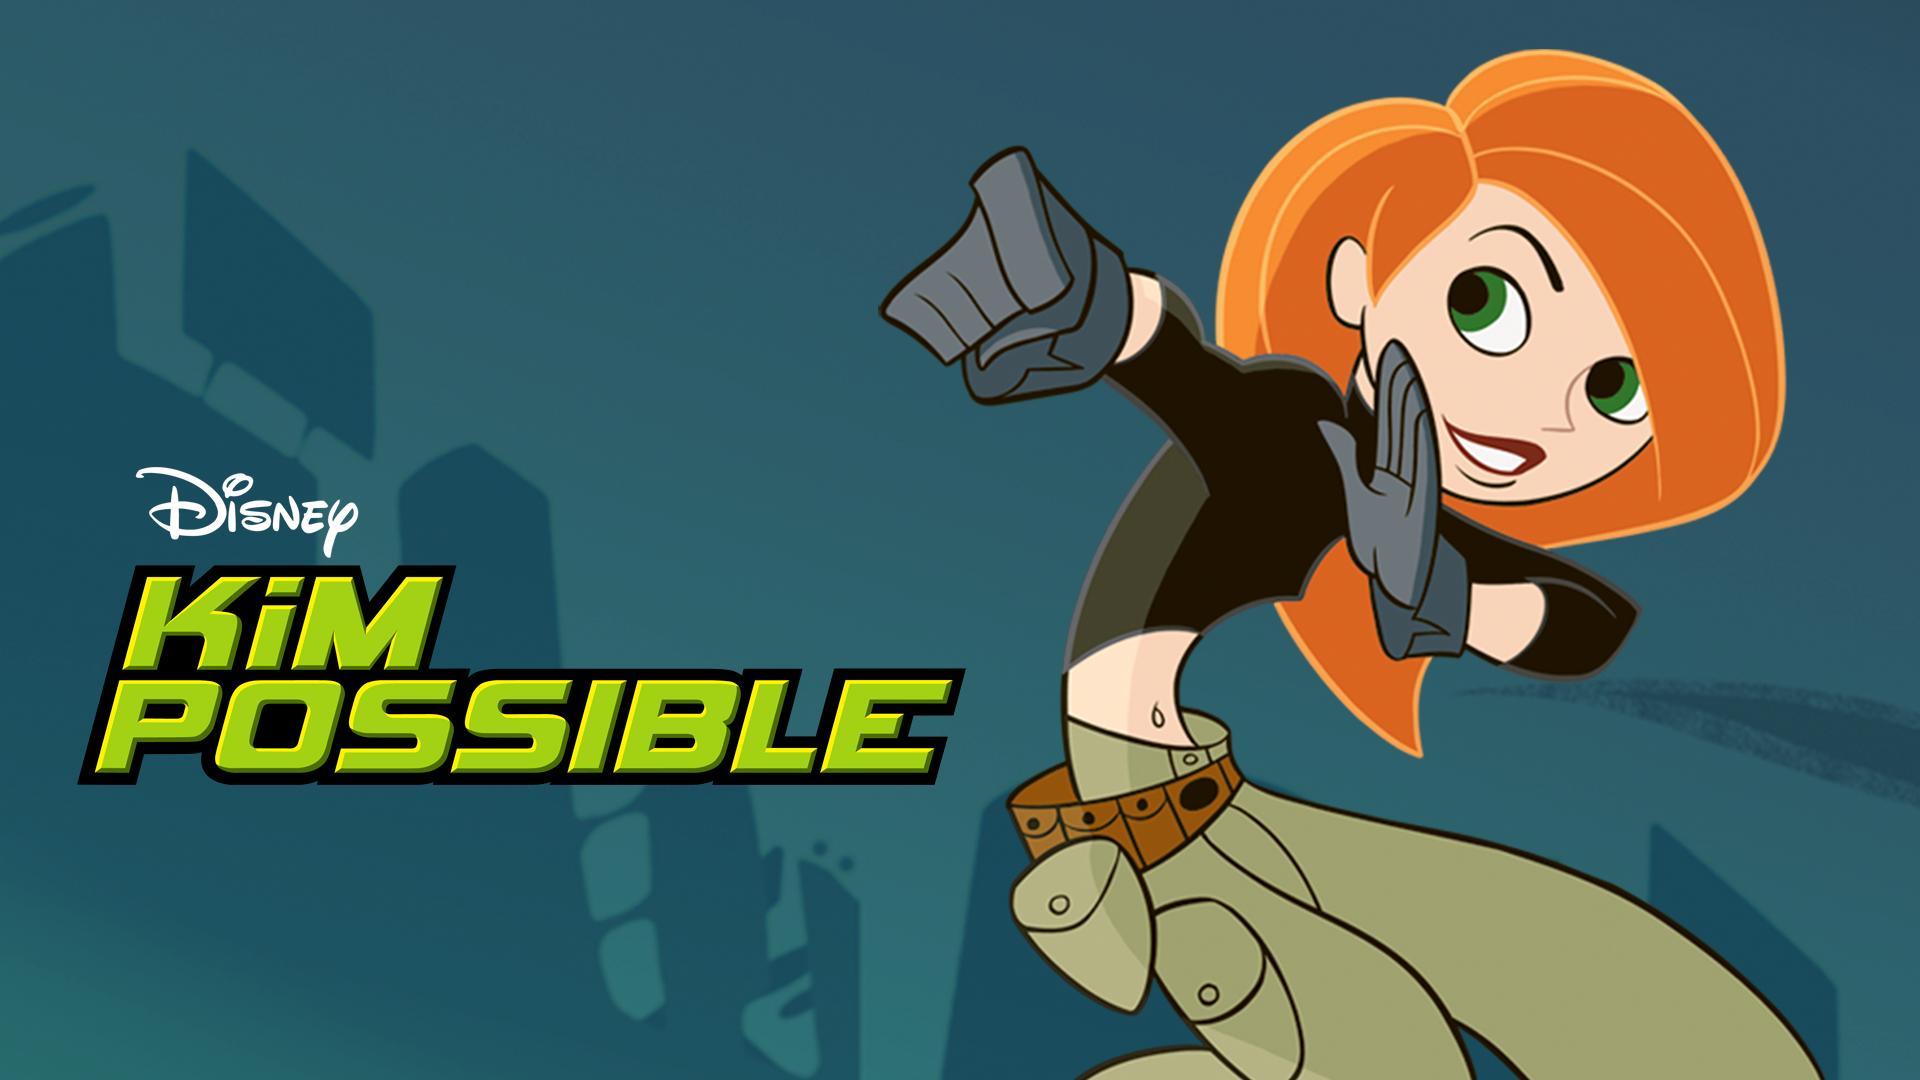 Kim Posible